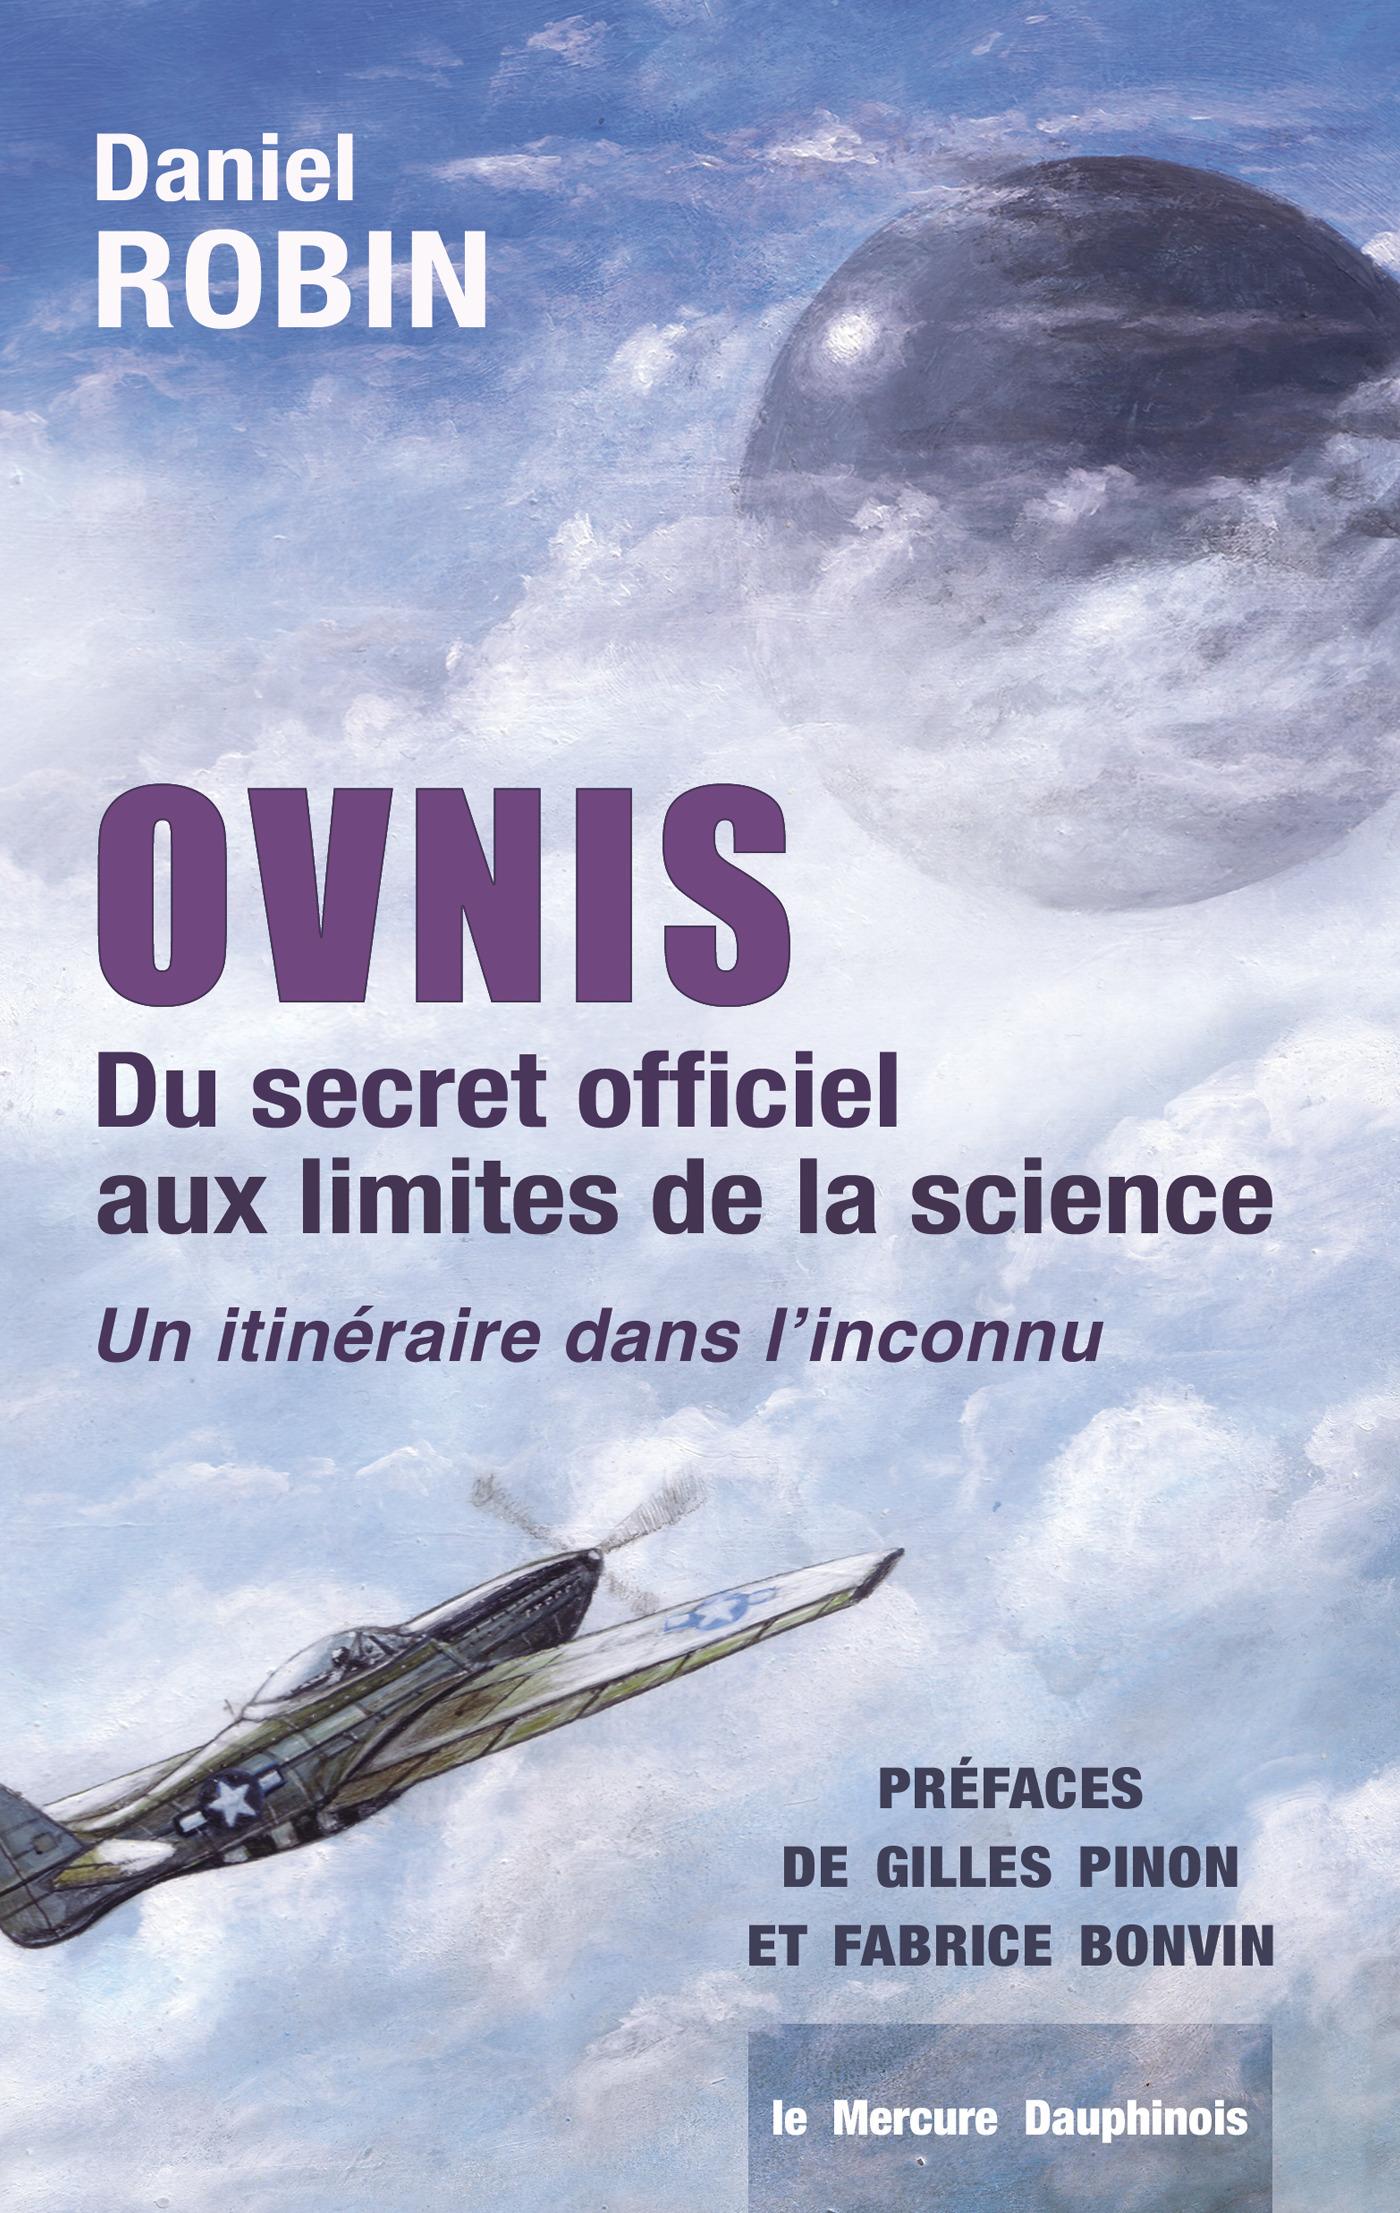 ovnis ; du secret officiel aux limites de la science : un itinéraire dans l'inconnu